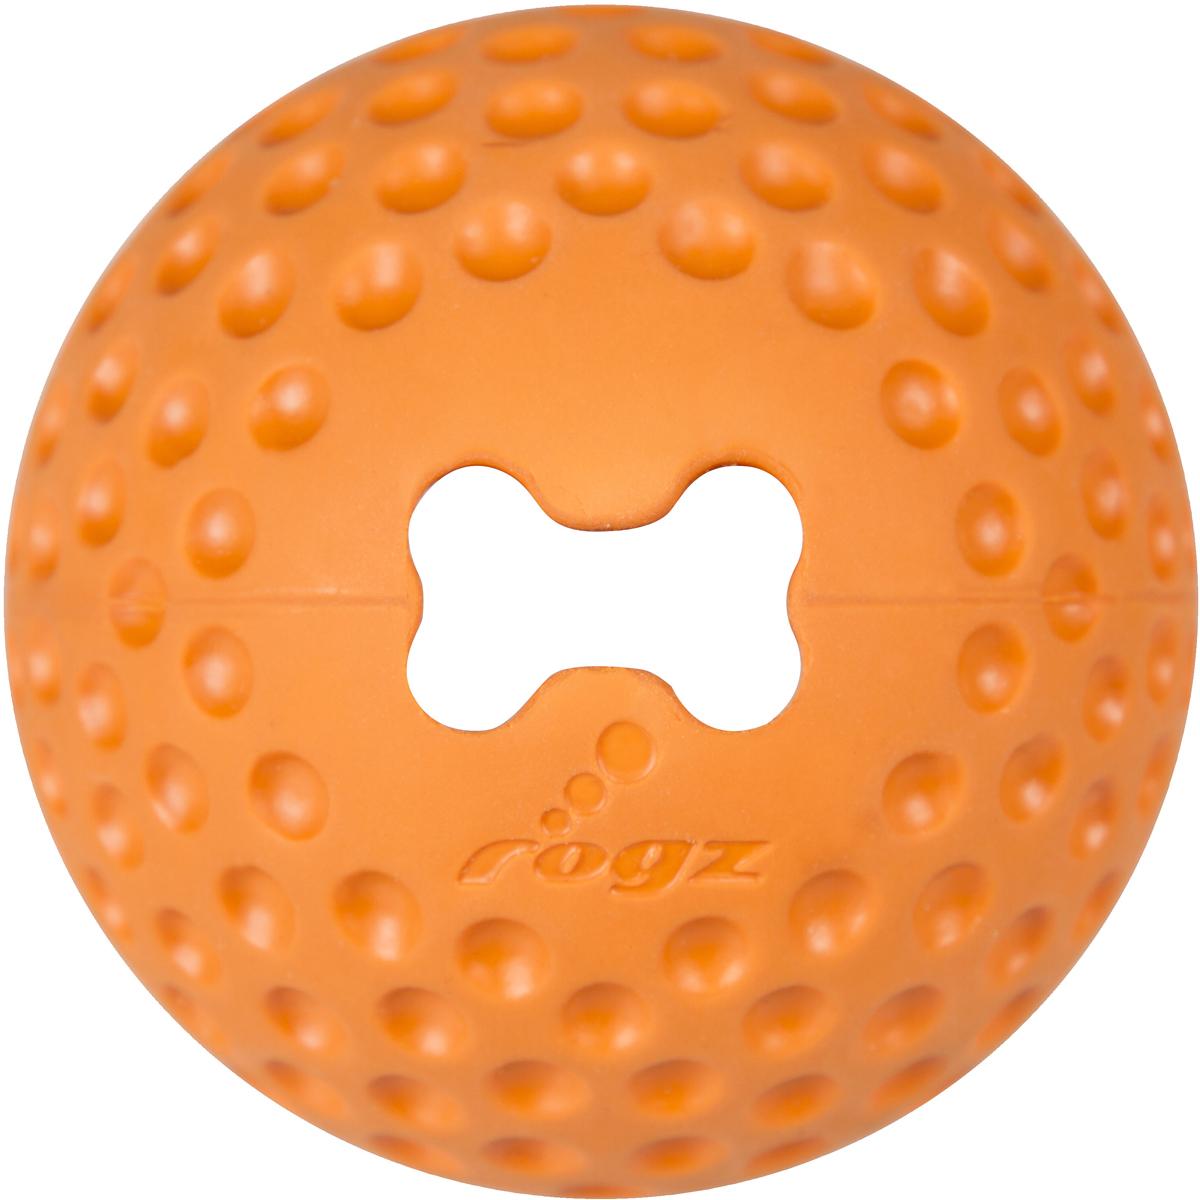 Игрушка для собак Rogz Gumz, с отверстием для лакомства, цвет: оранжевый, диаметр 7,8 см0120710Игрушка для собак Rogz Gumz тренирует жевательные мышцы и массирует десны собаке. Отлично подходит для дрессировки, так как есть отверстие для лакомства.Отлично подпрыгивает при играх.Занимательная игрушка выдерживает долгое жевание и разгрызание. Материал изделия: 85 % натуральной резины, 15 % синтетической резины. Не токсичен.